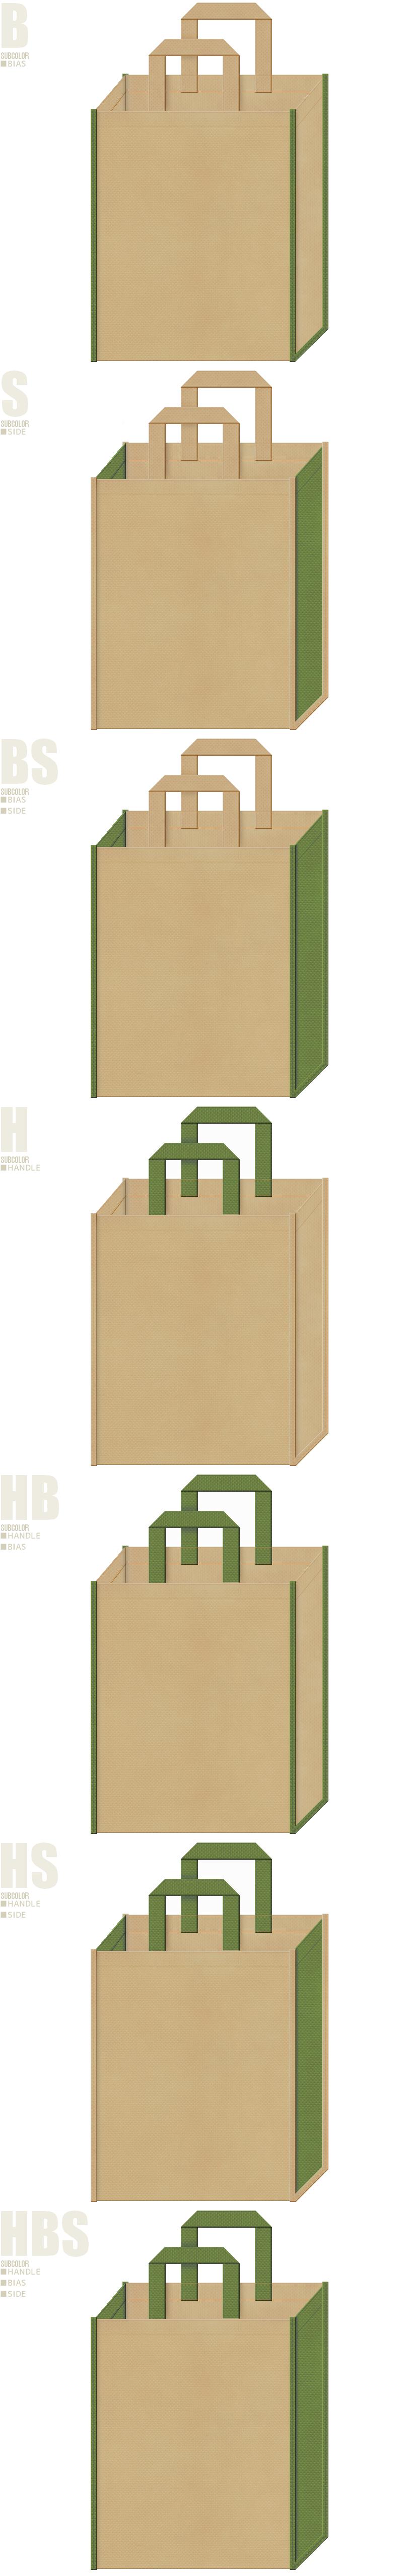 カーキ色と草色、7パターンの不織布トートバッグ配色デザイン例。民芸品のショッピングバッグ・旅館のバッグノベルティにお奨めです。